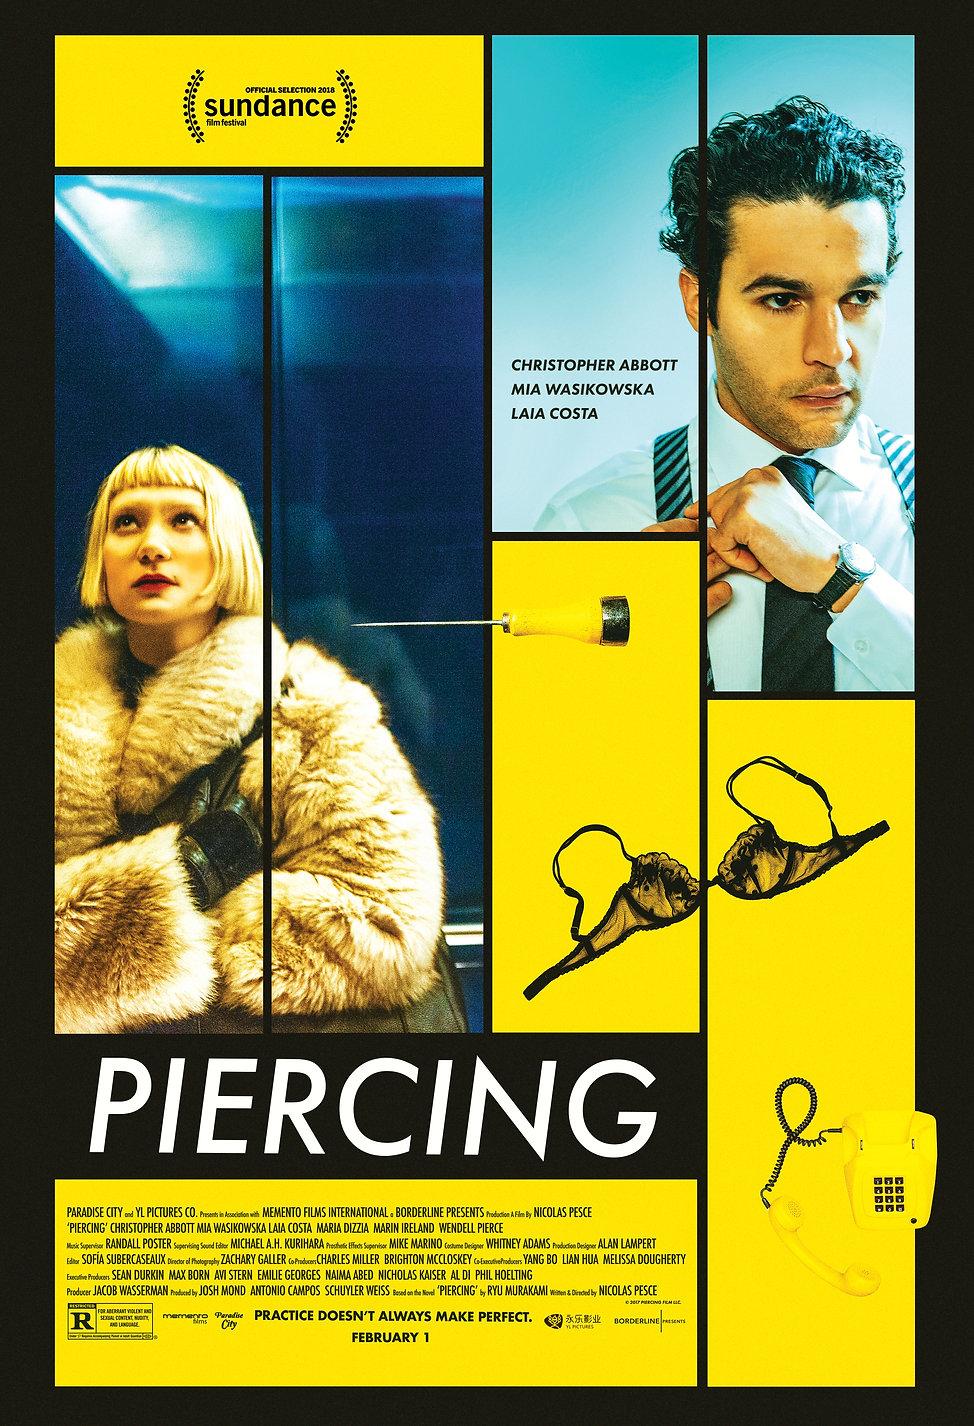 PIERCING_1sheet_CMYK_7MB.jpg